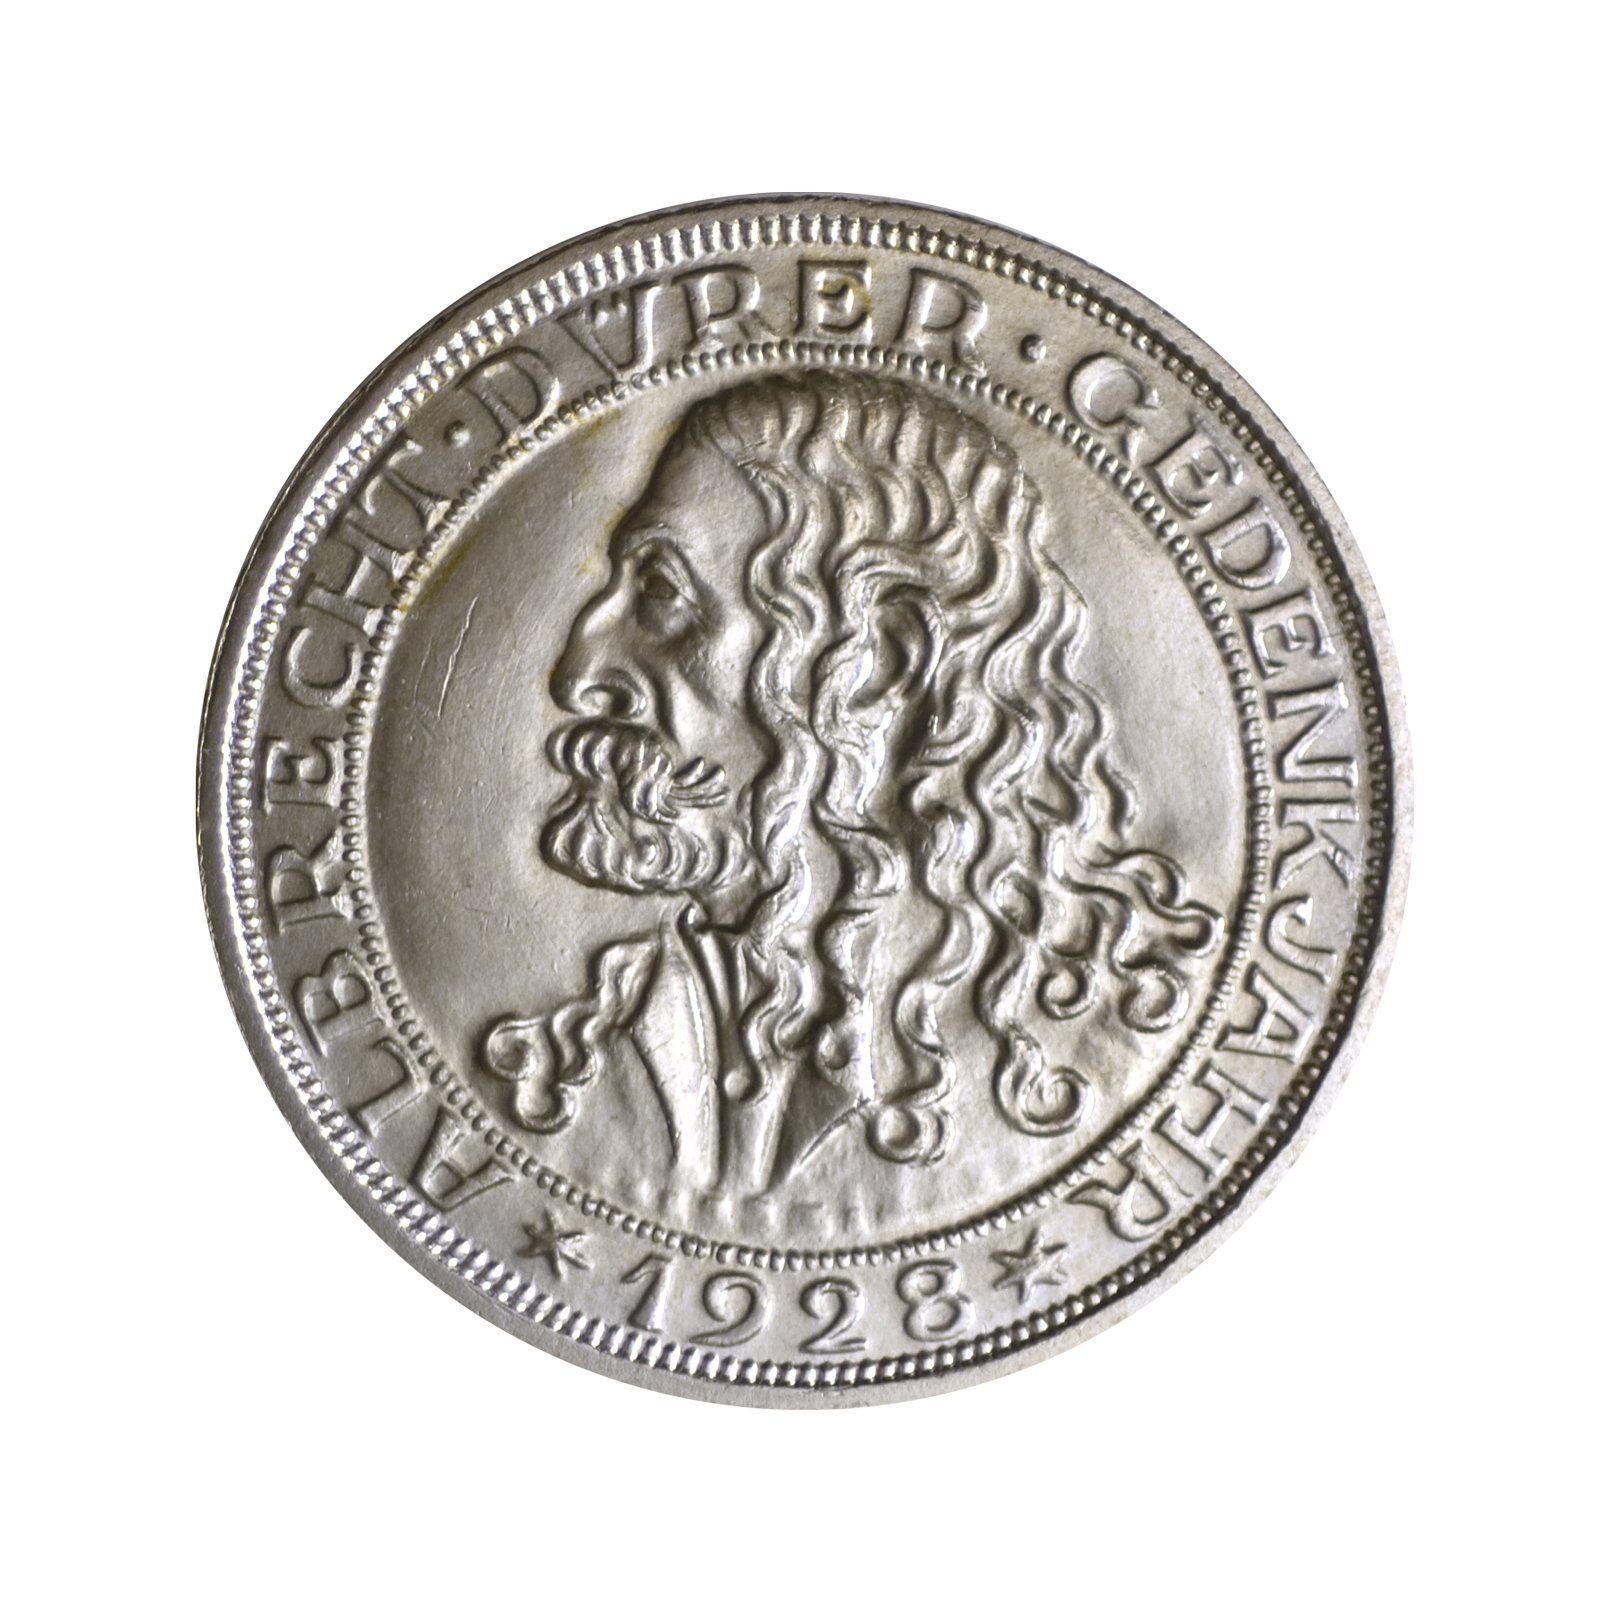 Weimarer Republik 3 Reichsmark Gedenkmünzen 1928 1929 Primus